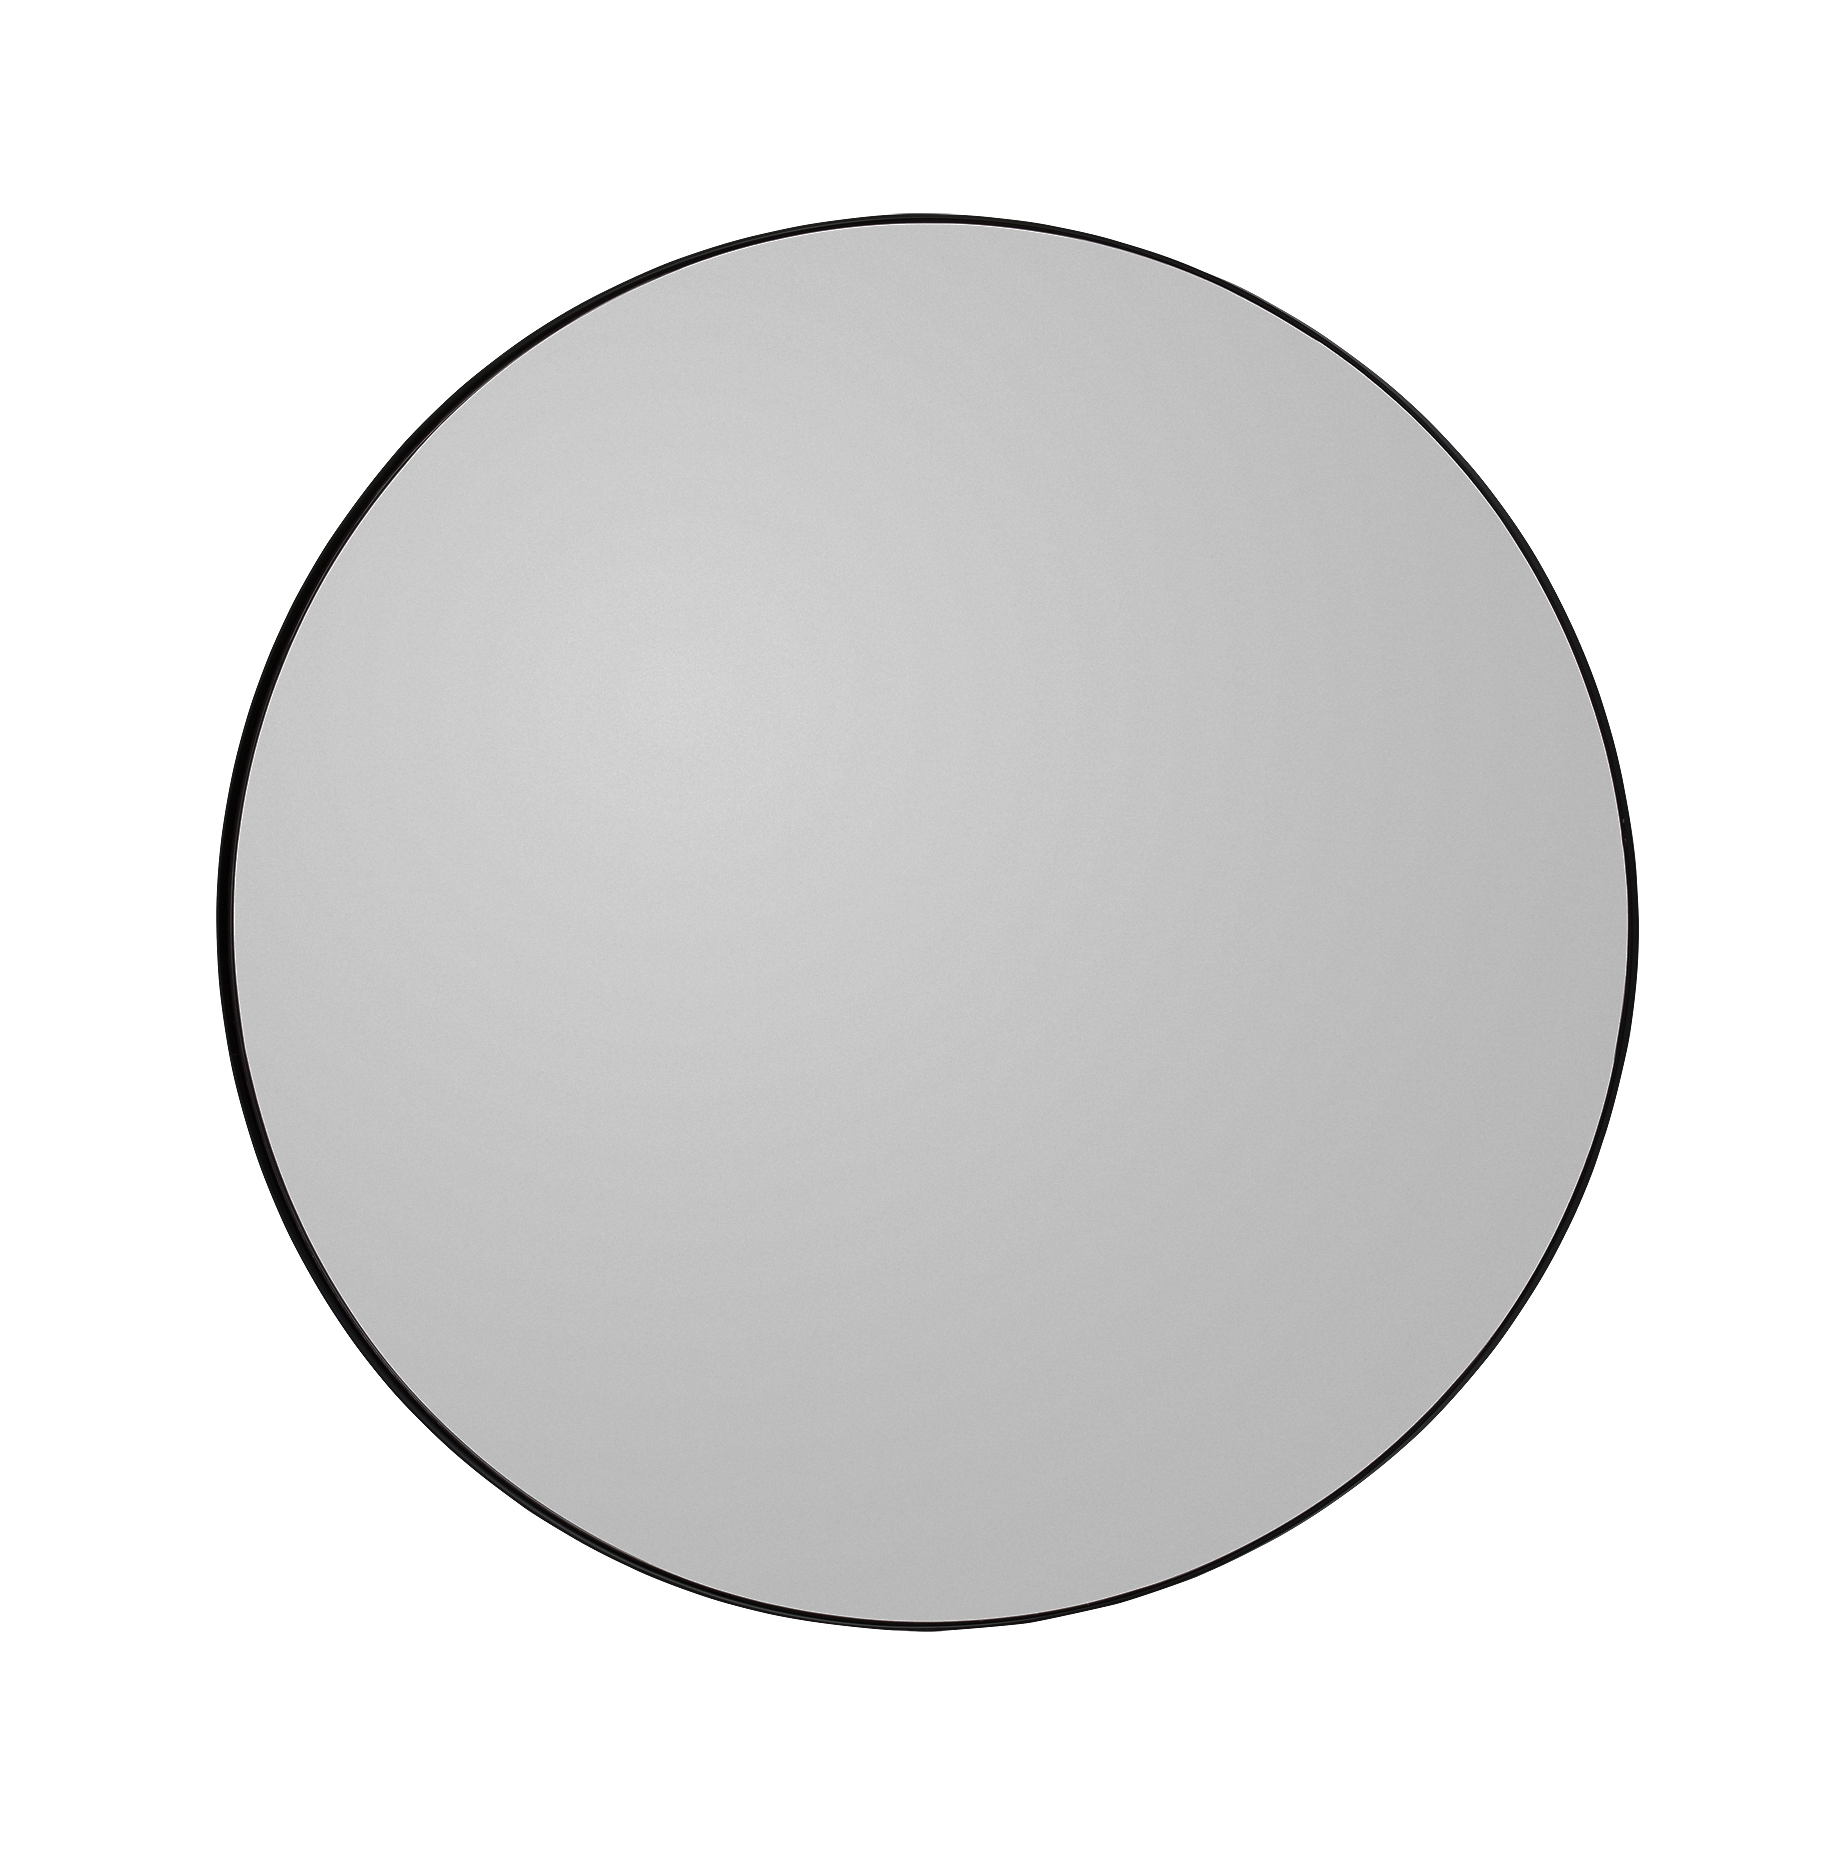 Spegel CIRCUM 110 cm black, AYTM